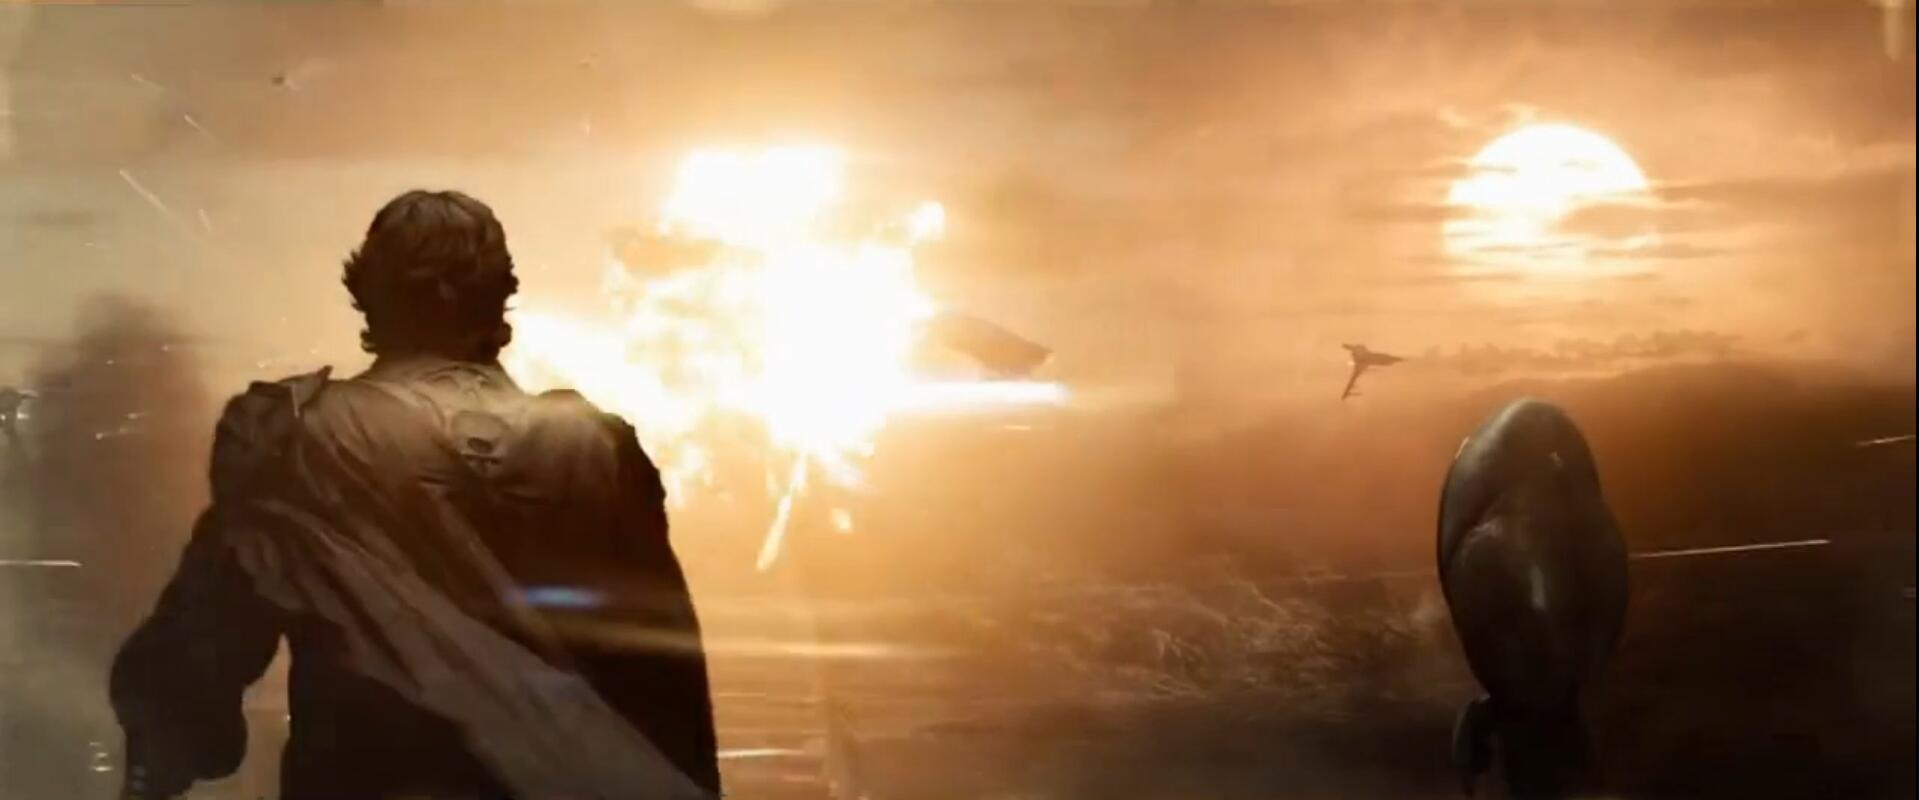 #经典看电影#想知道超人是怎么起源的,不如看看这个视频